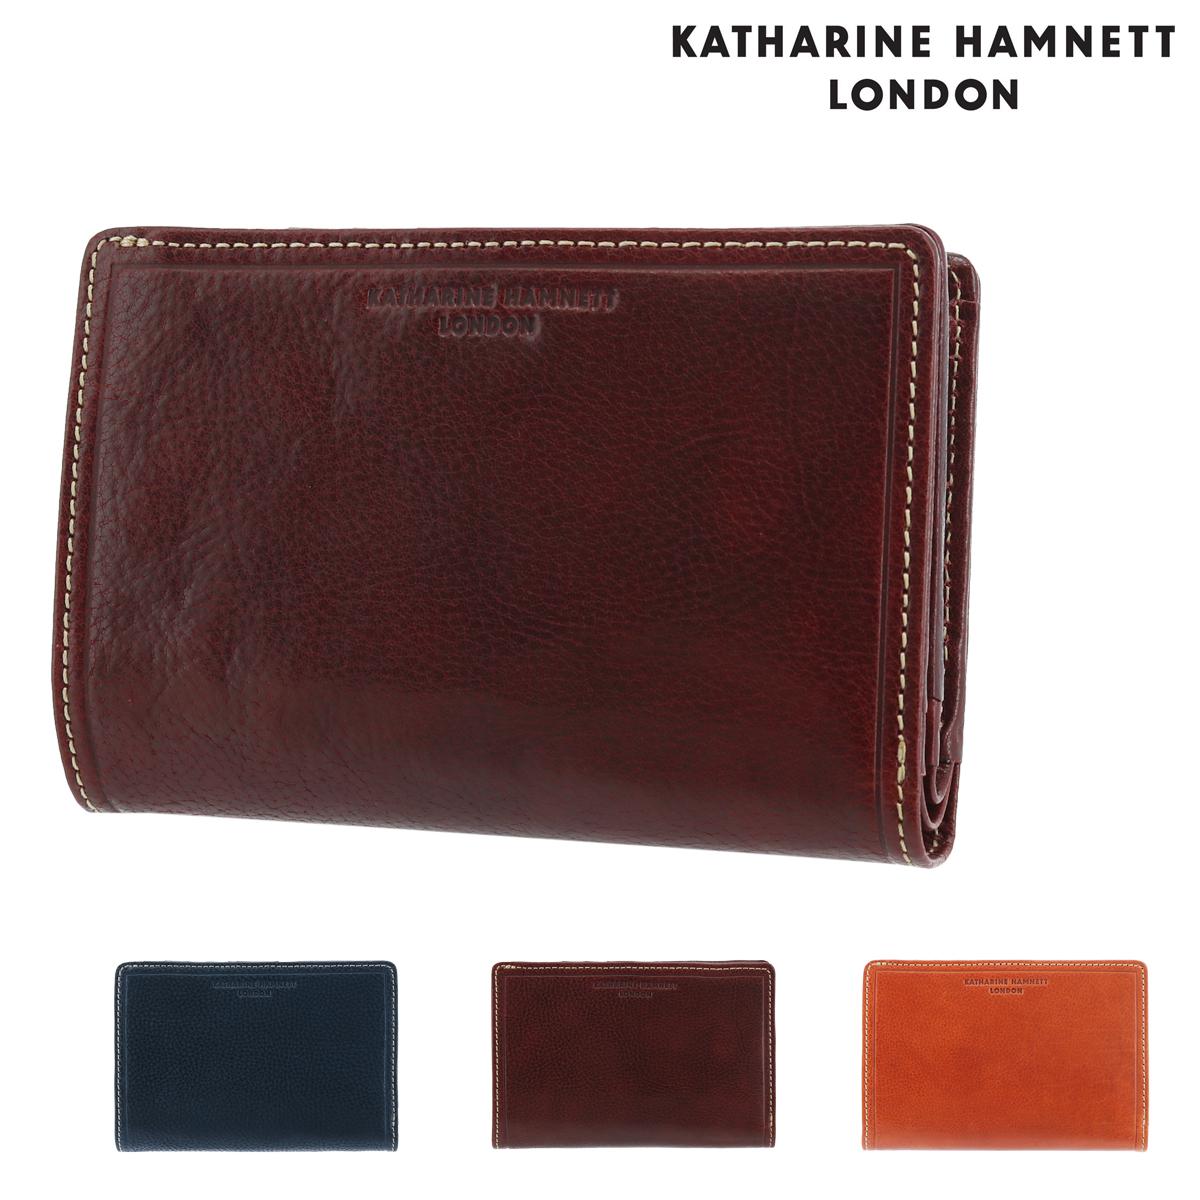 キャサリンハムネット ミドル財布 メンズ LINE MANII 490-58202 KATHARINE HAMNETT | 牛革 本革 レザー[PO10]